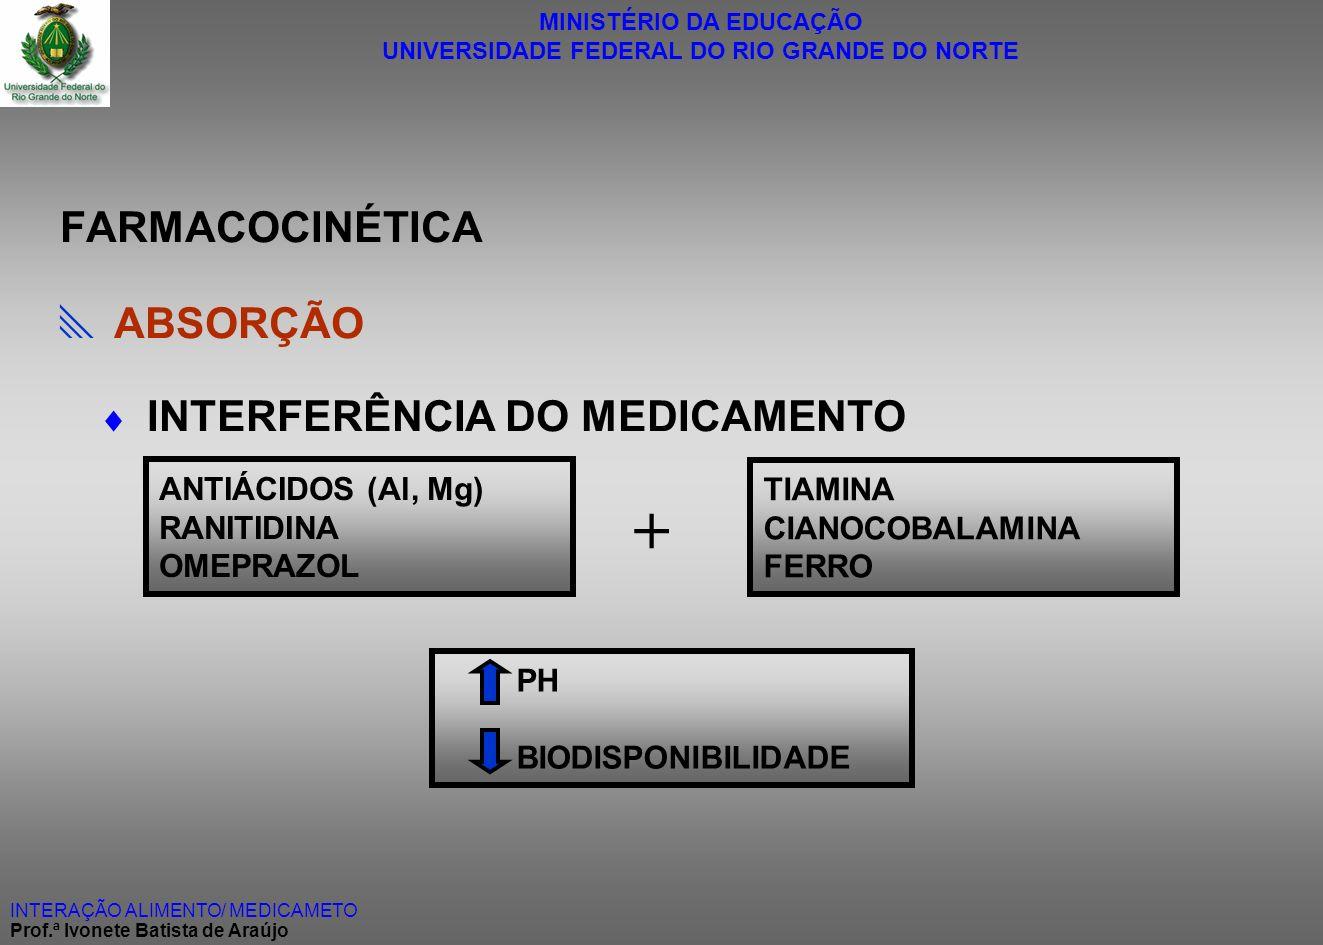 MINISTÉRIO DA EDUCAÇÃO UNIVERSIDADE FEDERAL DO RIO GRANDE DO NORTE INTERAÇÃO ALIMENTO/ MEDICAMETO Prof.ª Ivonete Batista de Araújo FARMACOCINÉTICA ABS